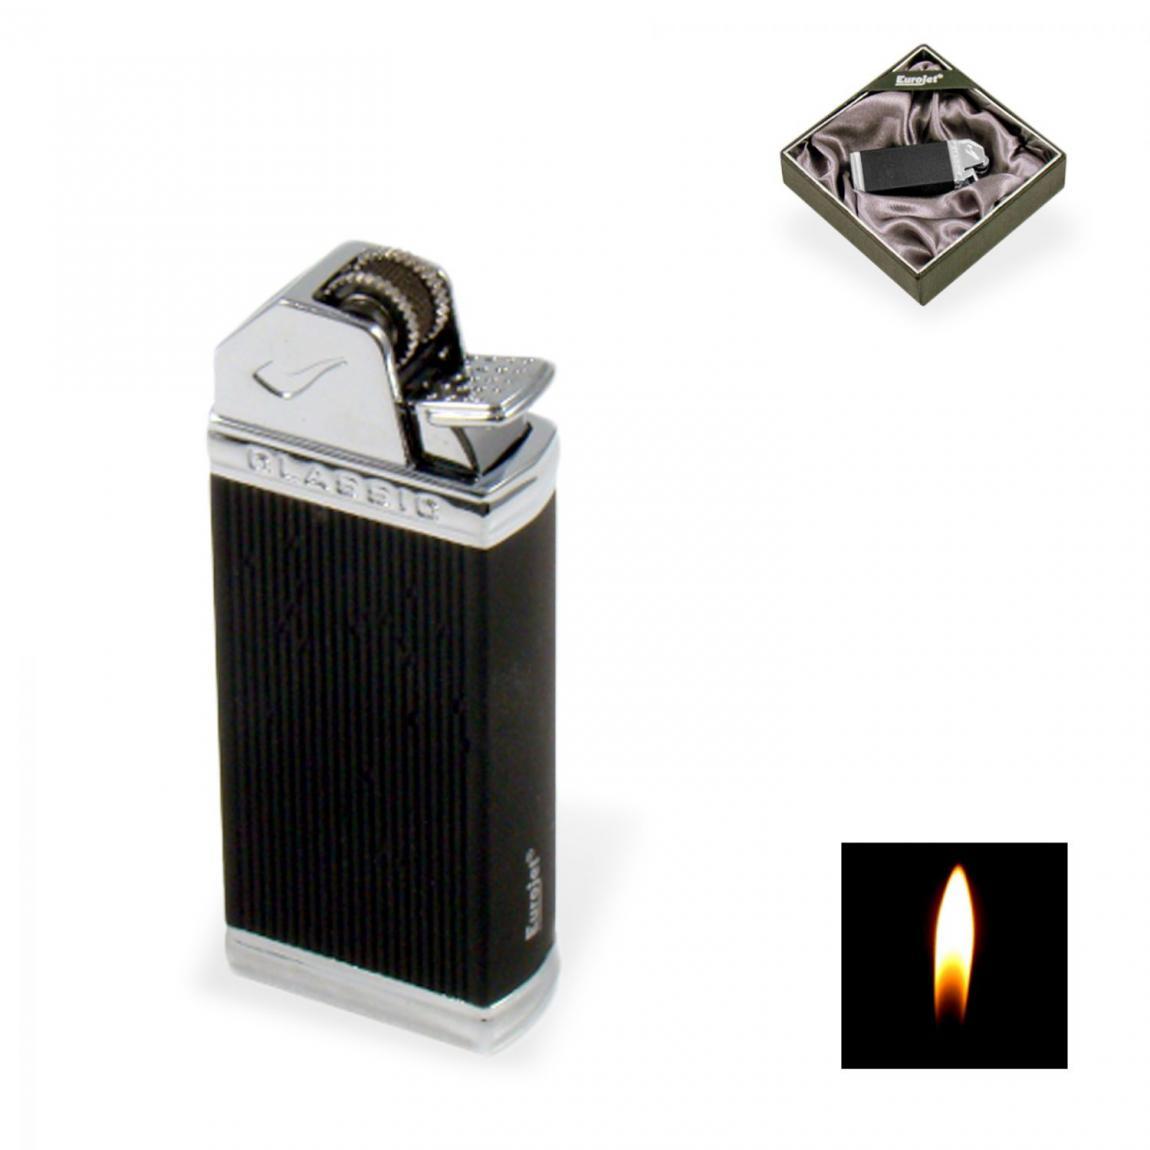 EuroJet »Pipe« Pfeifenfeuerzeug, schwarz Soft Touch